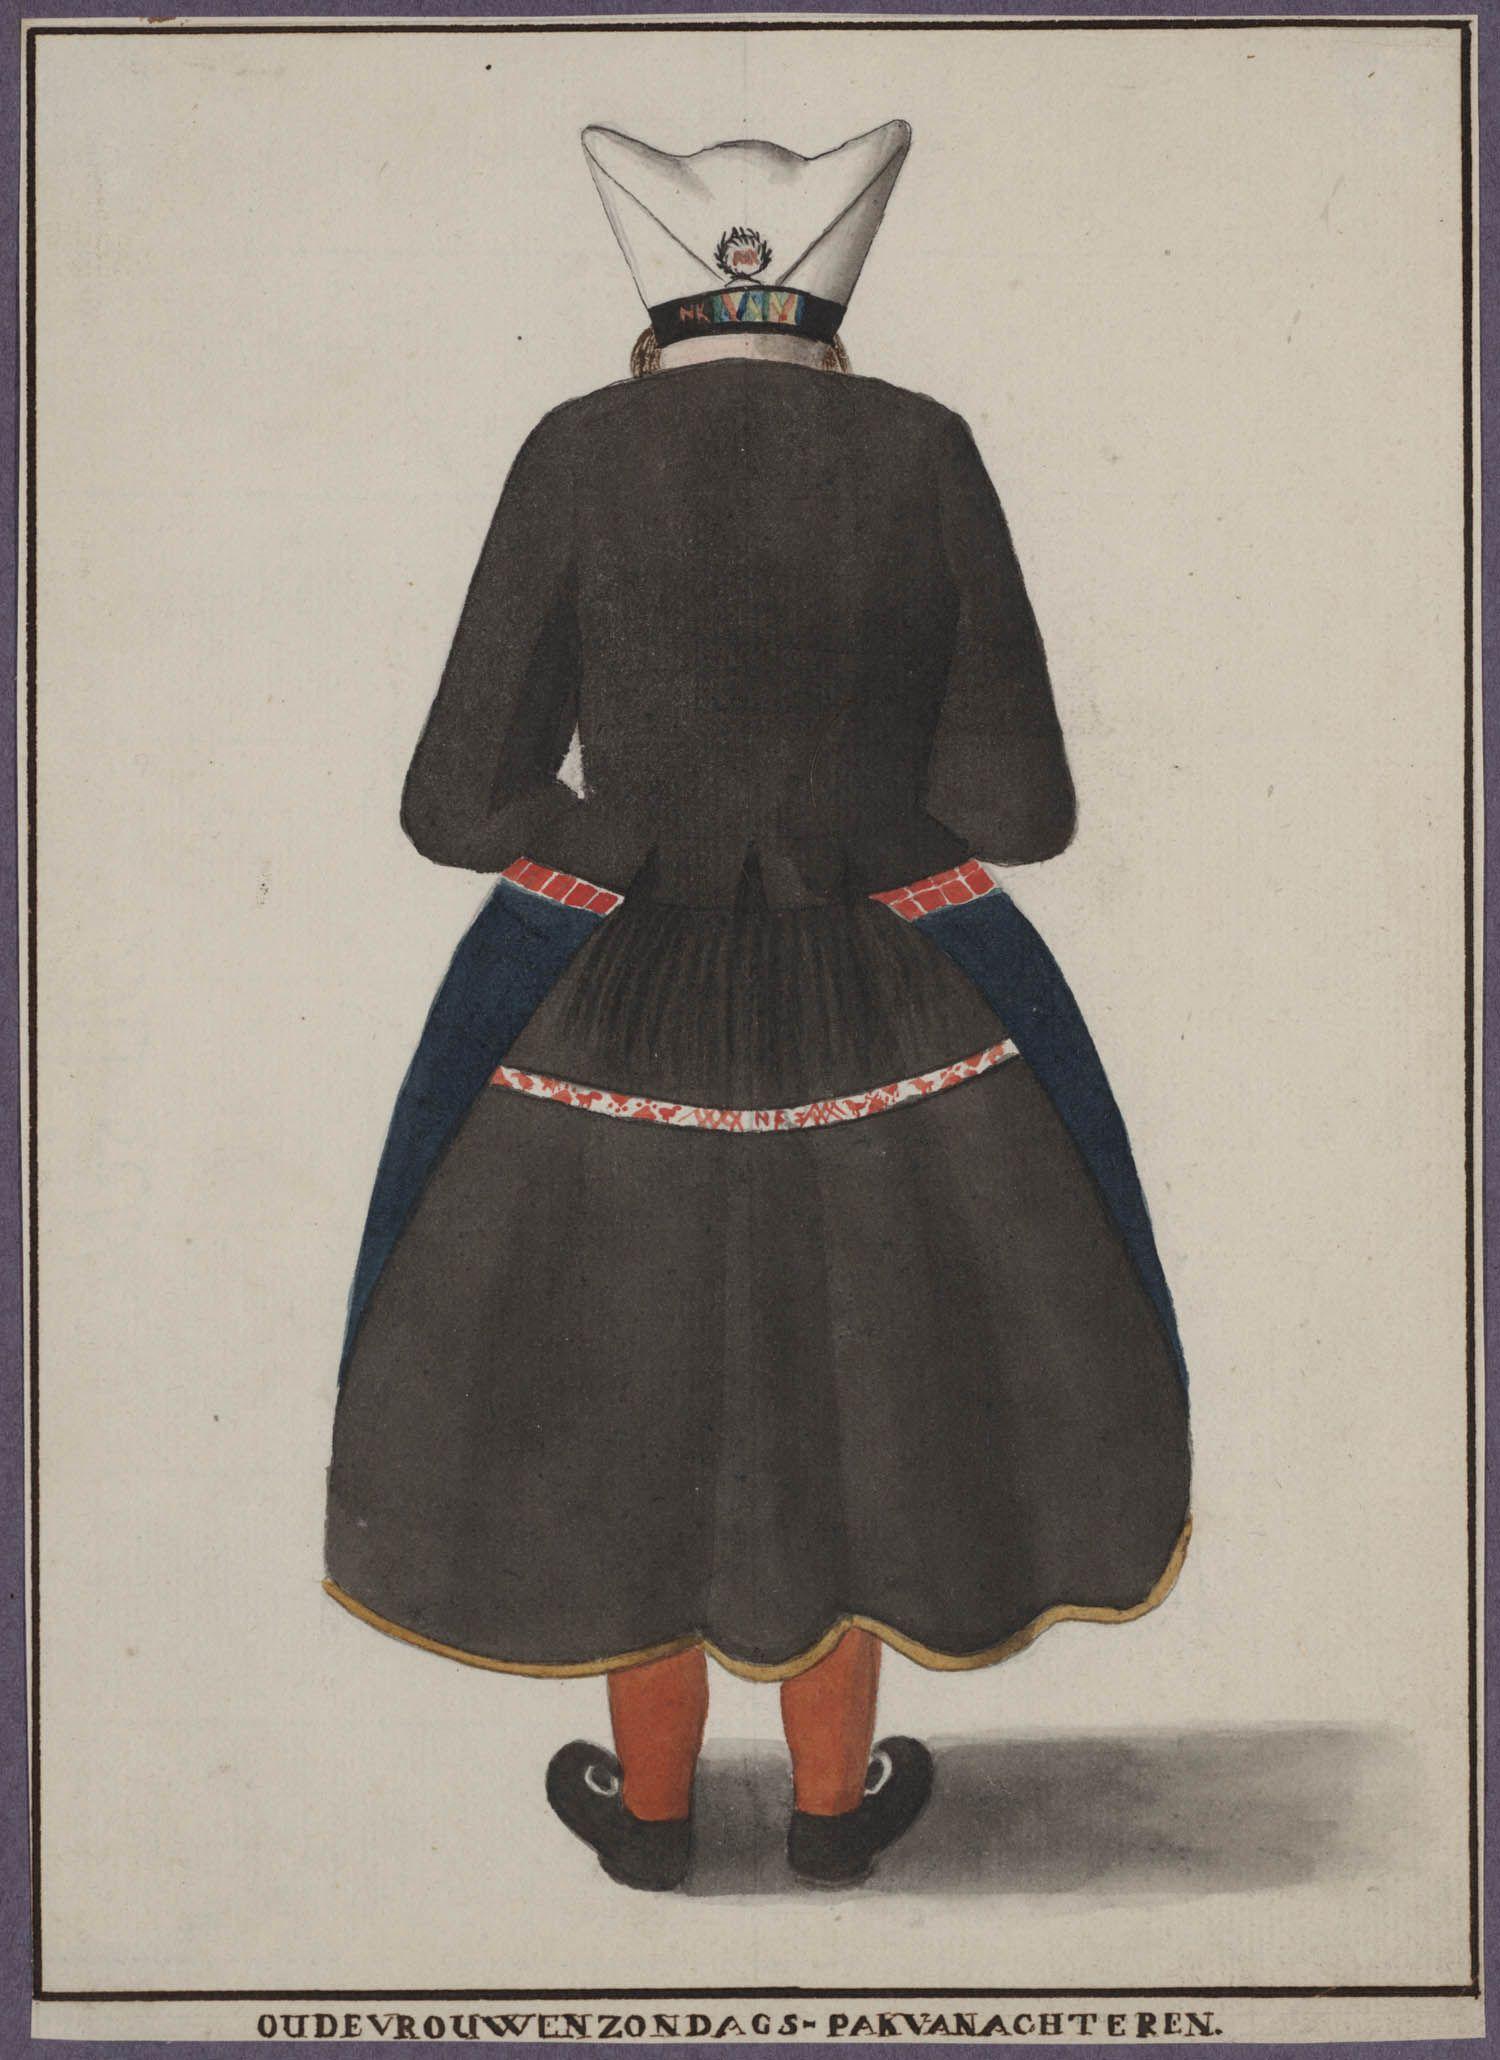 Vrouw in zondagse dracht Marken (van achter) oude vrouwen zondags-pak van achteren 1800-1900 #NoordHolland #Marken